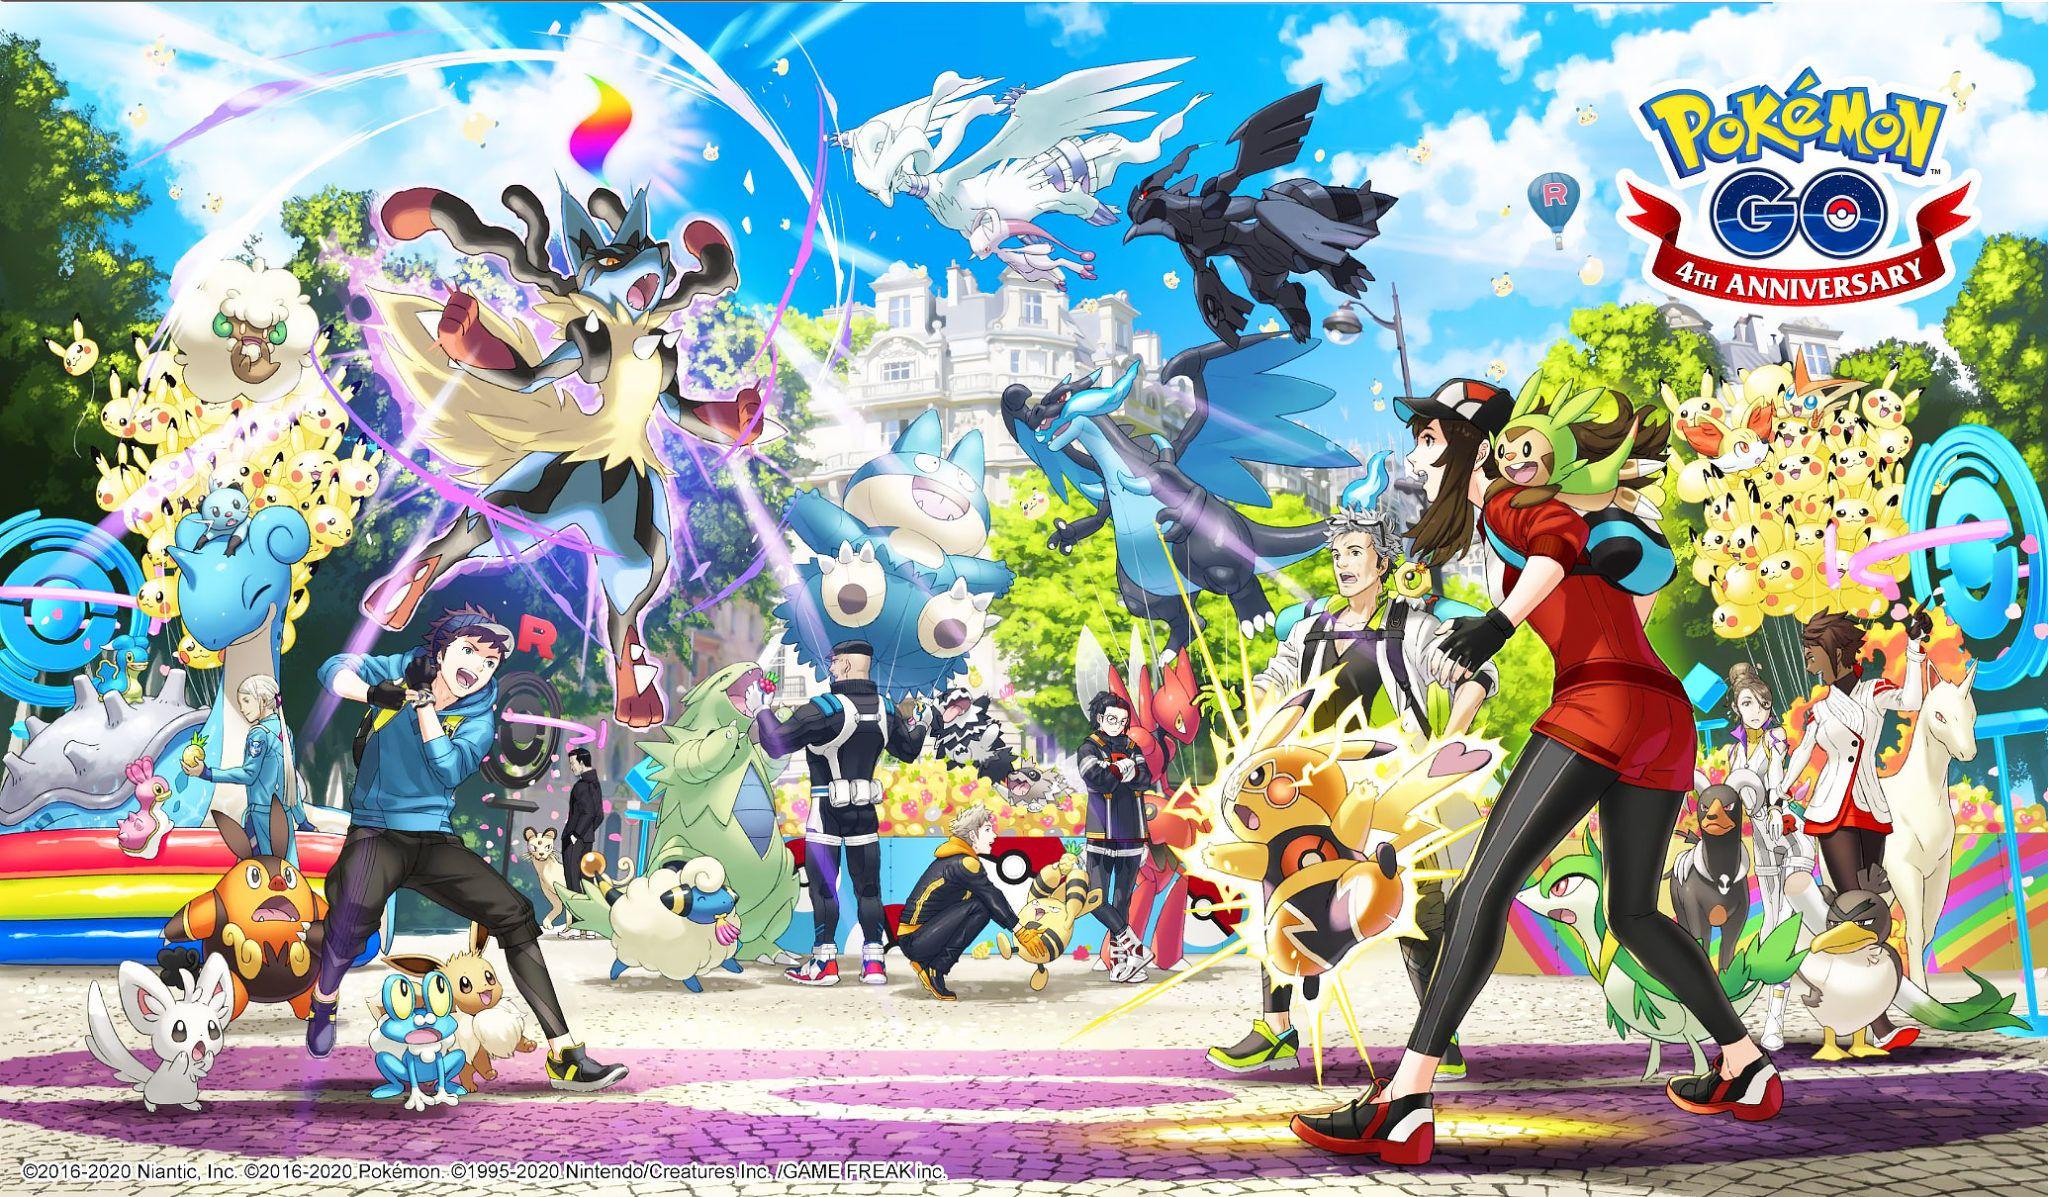 Pokémon Go fête cette année son quatrième anniversaire cette année